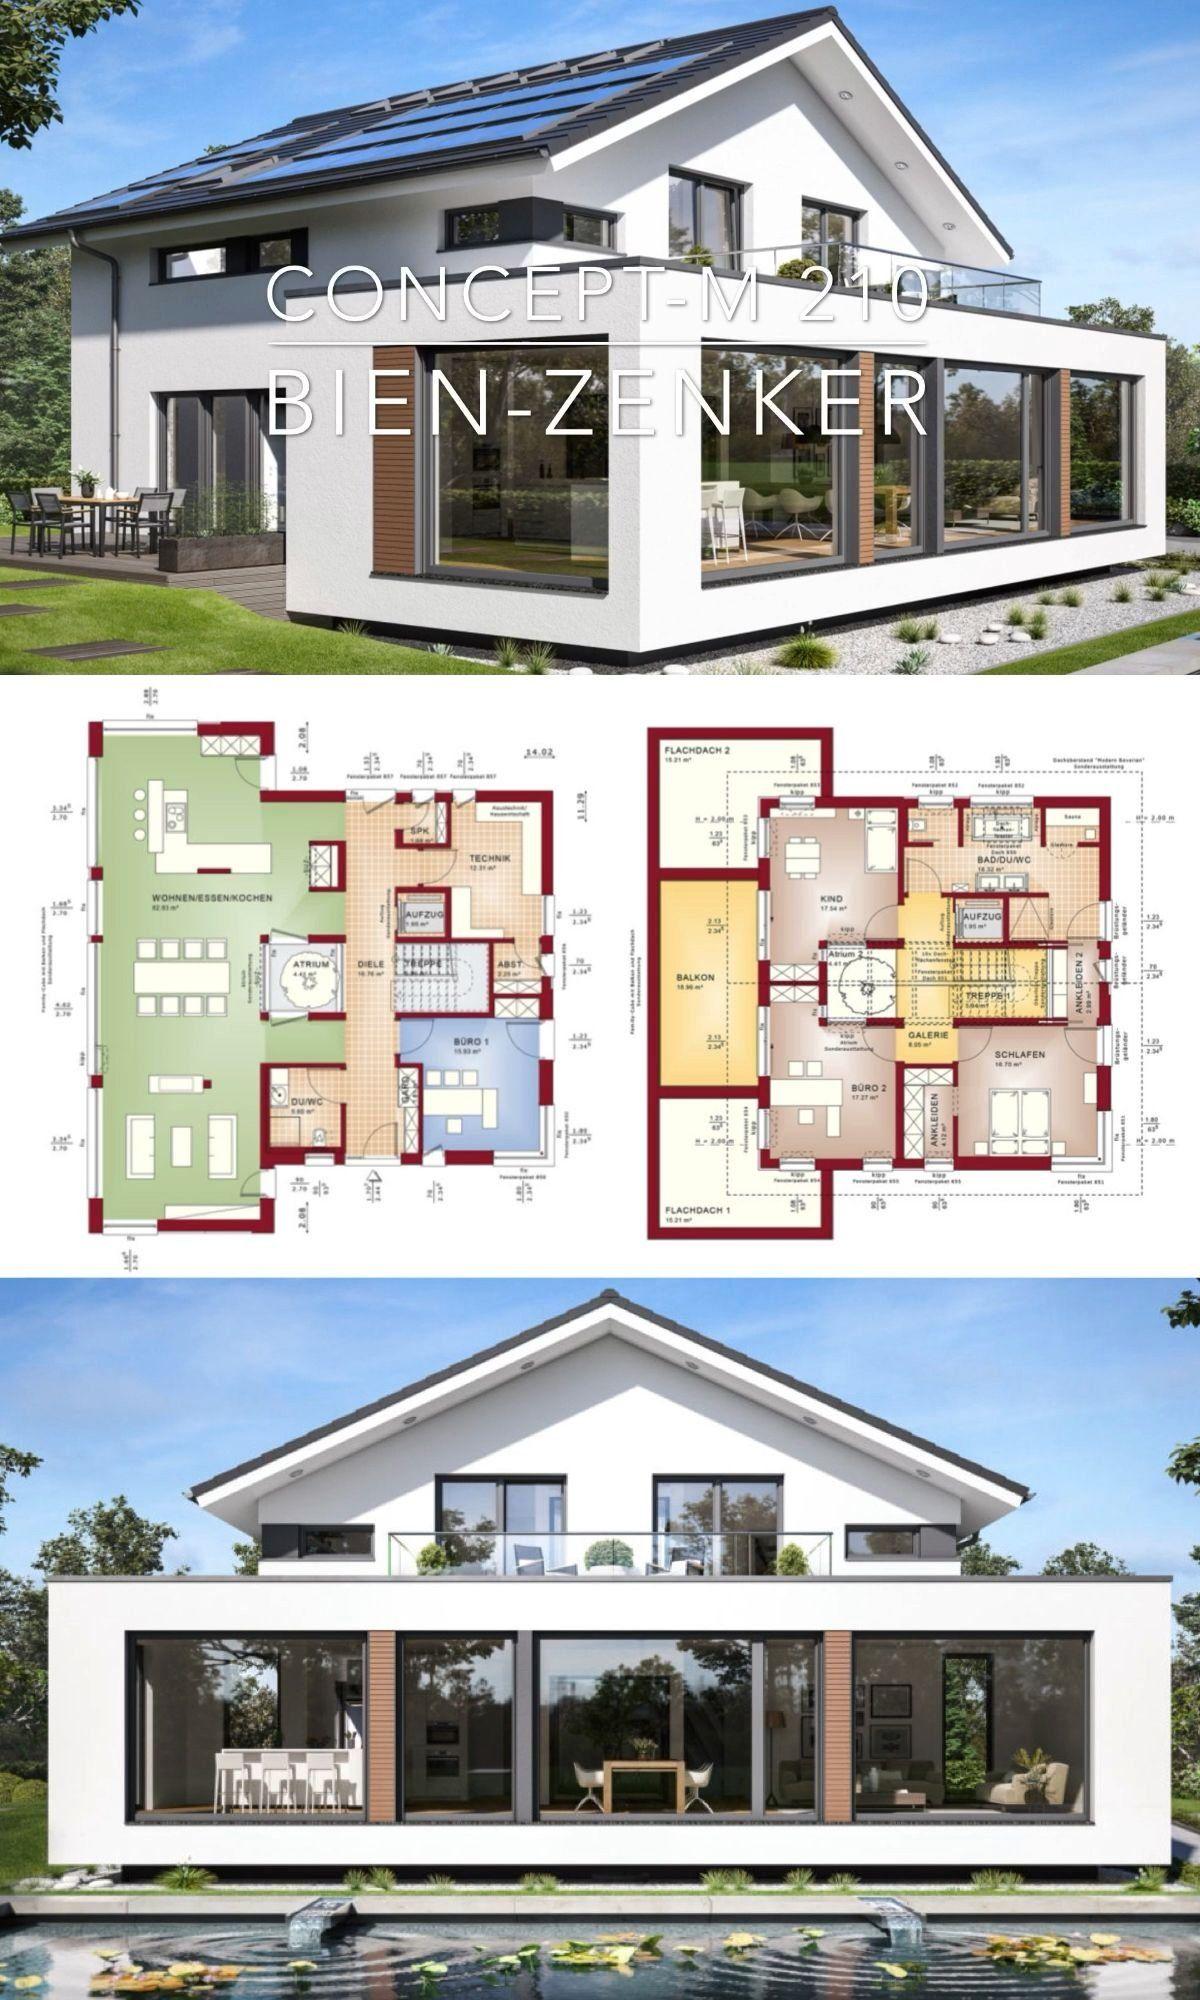 Modern Villa House Plans Interior Architecture Design Concept M 210 In 2020 Architecture Design Concept Interior Architecture Design Residential Architecture Plan